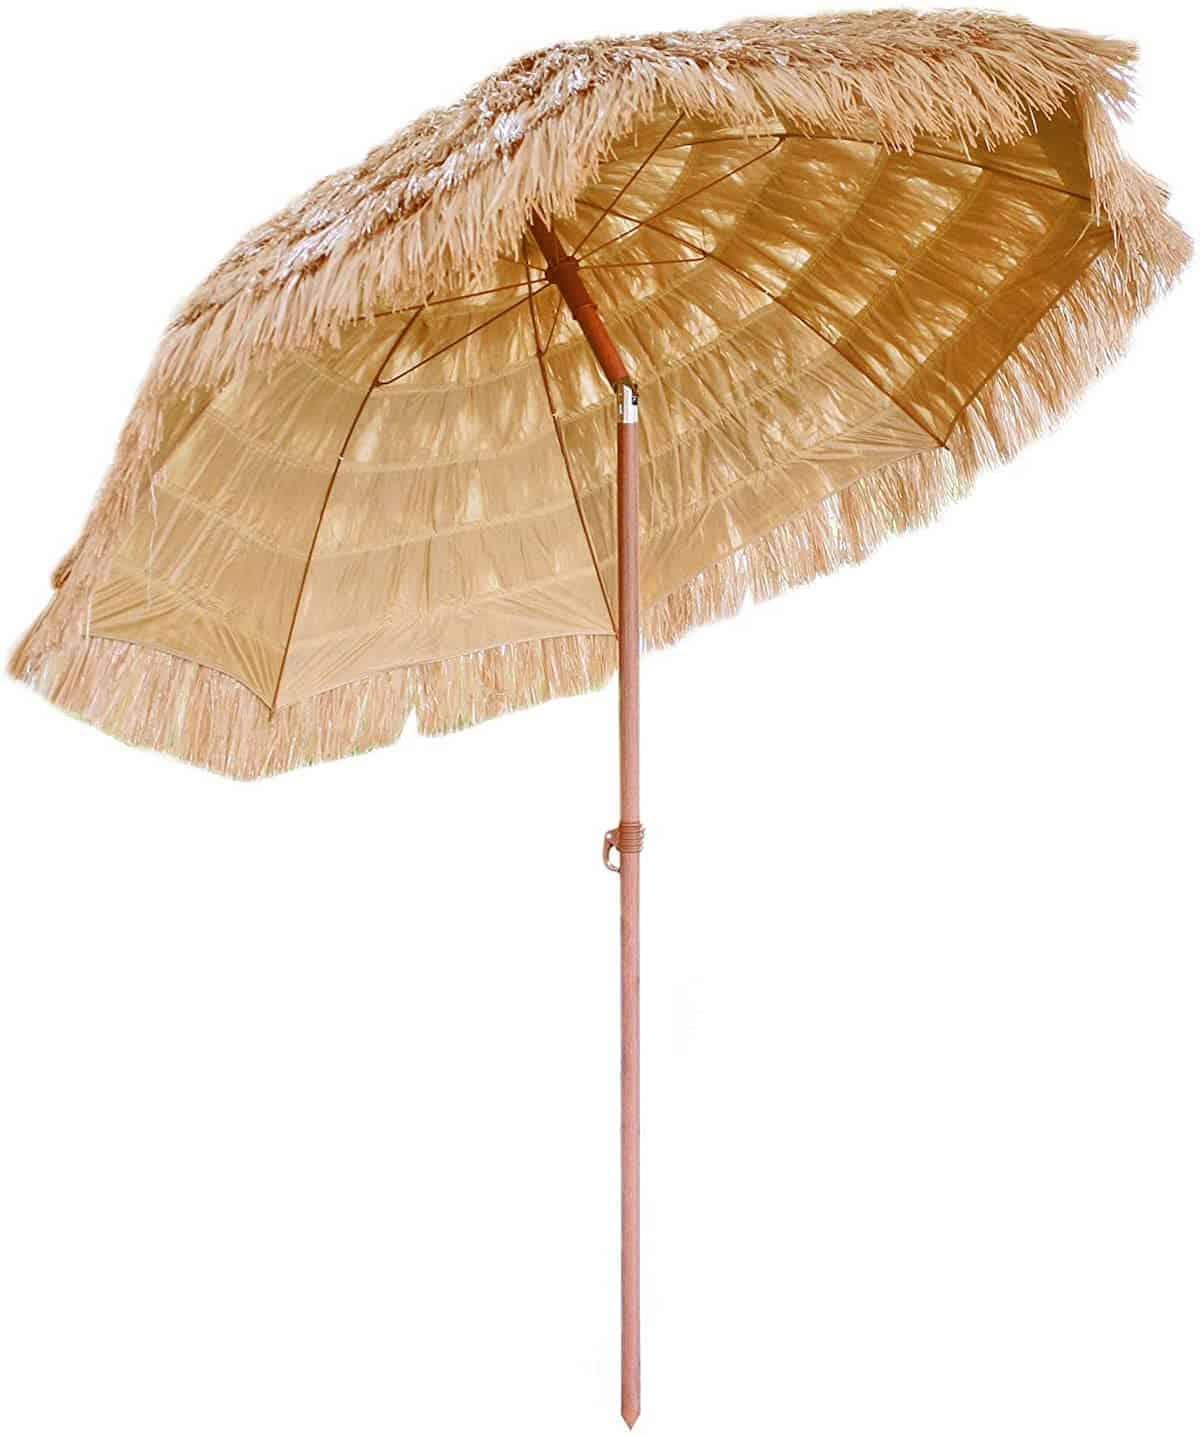 tiki patio umbrella